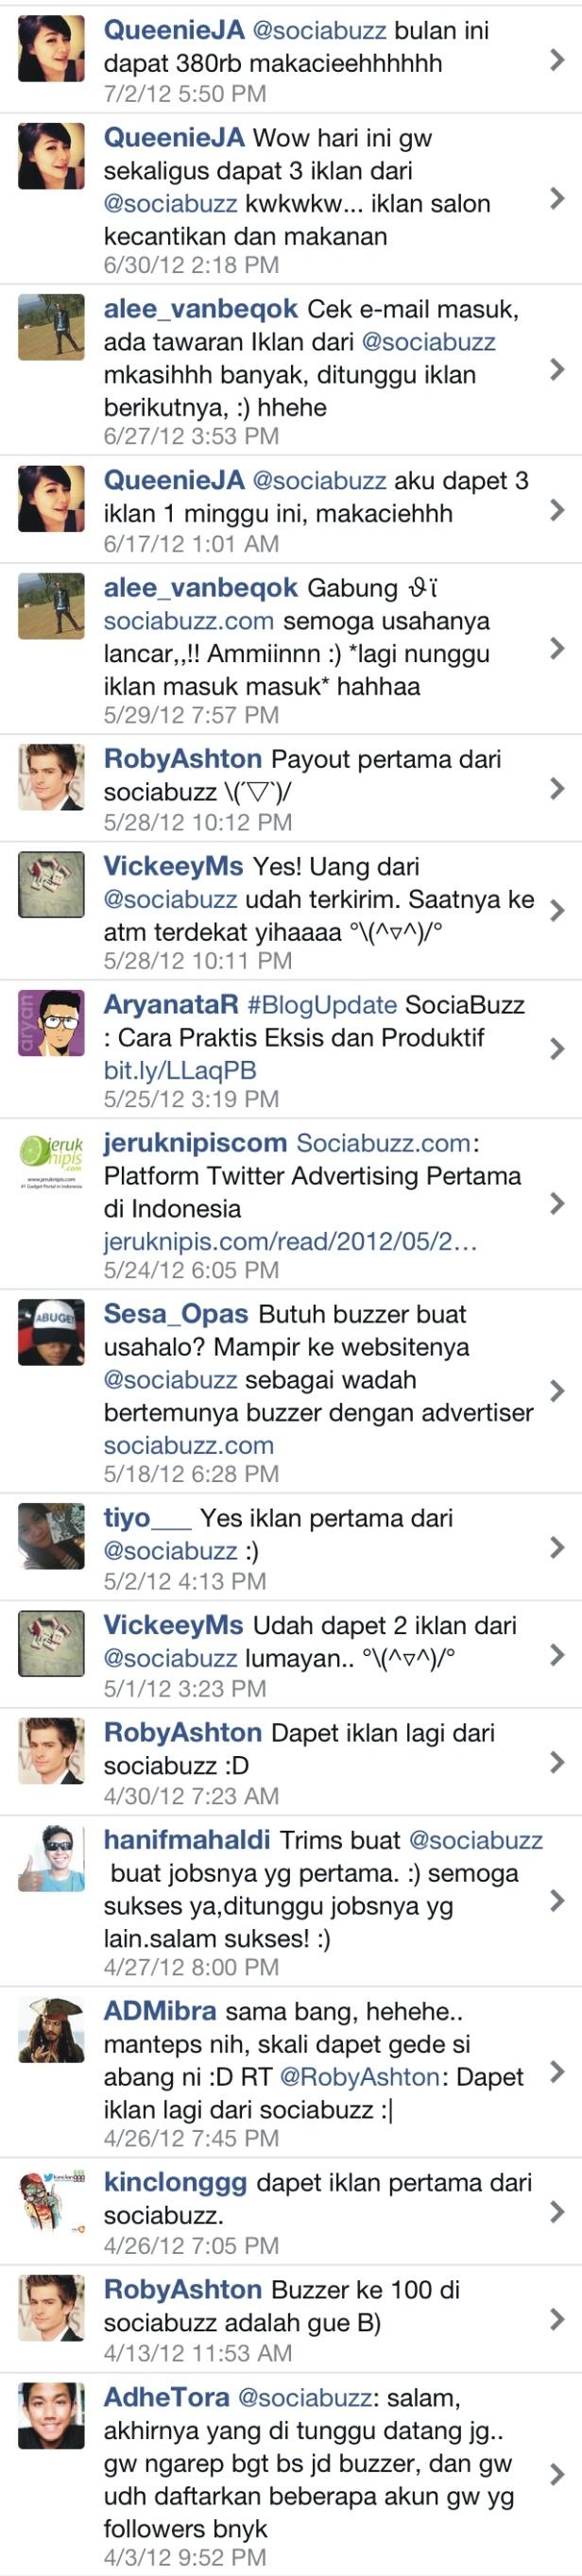 Testimonials from Buzzers for www.sociabuzz.com